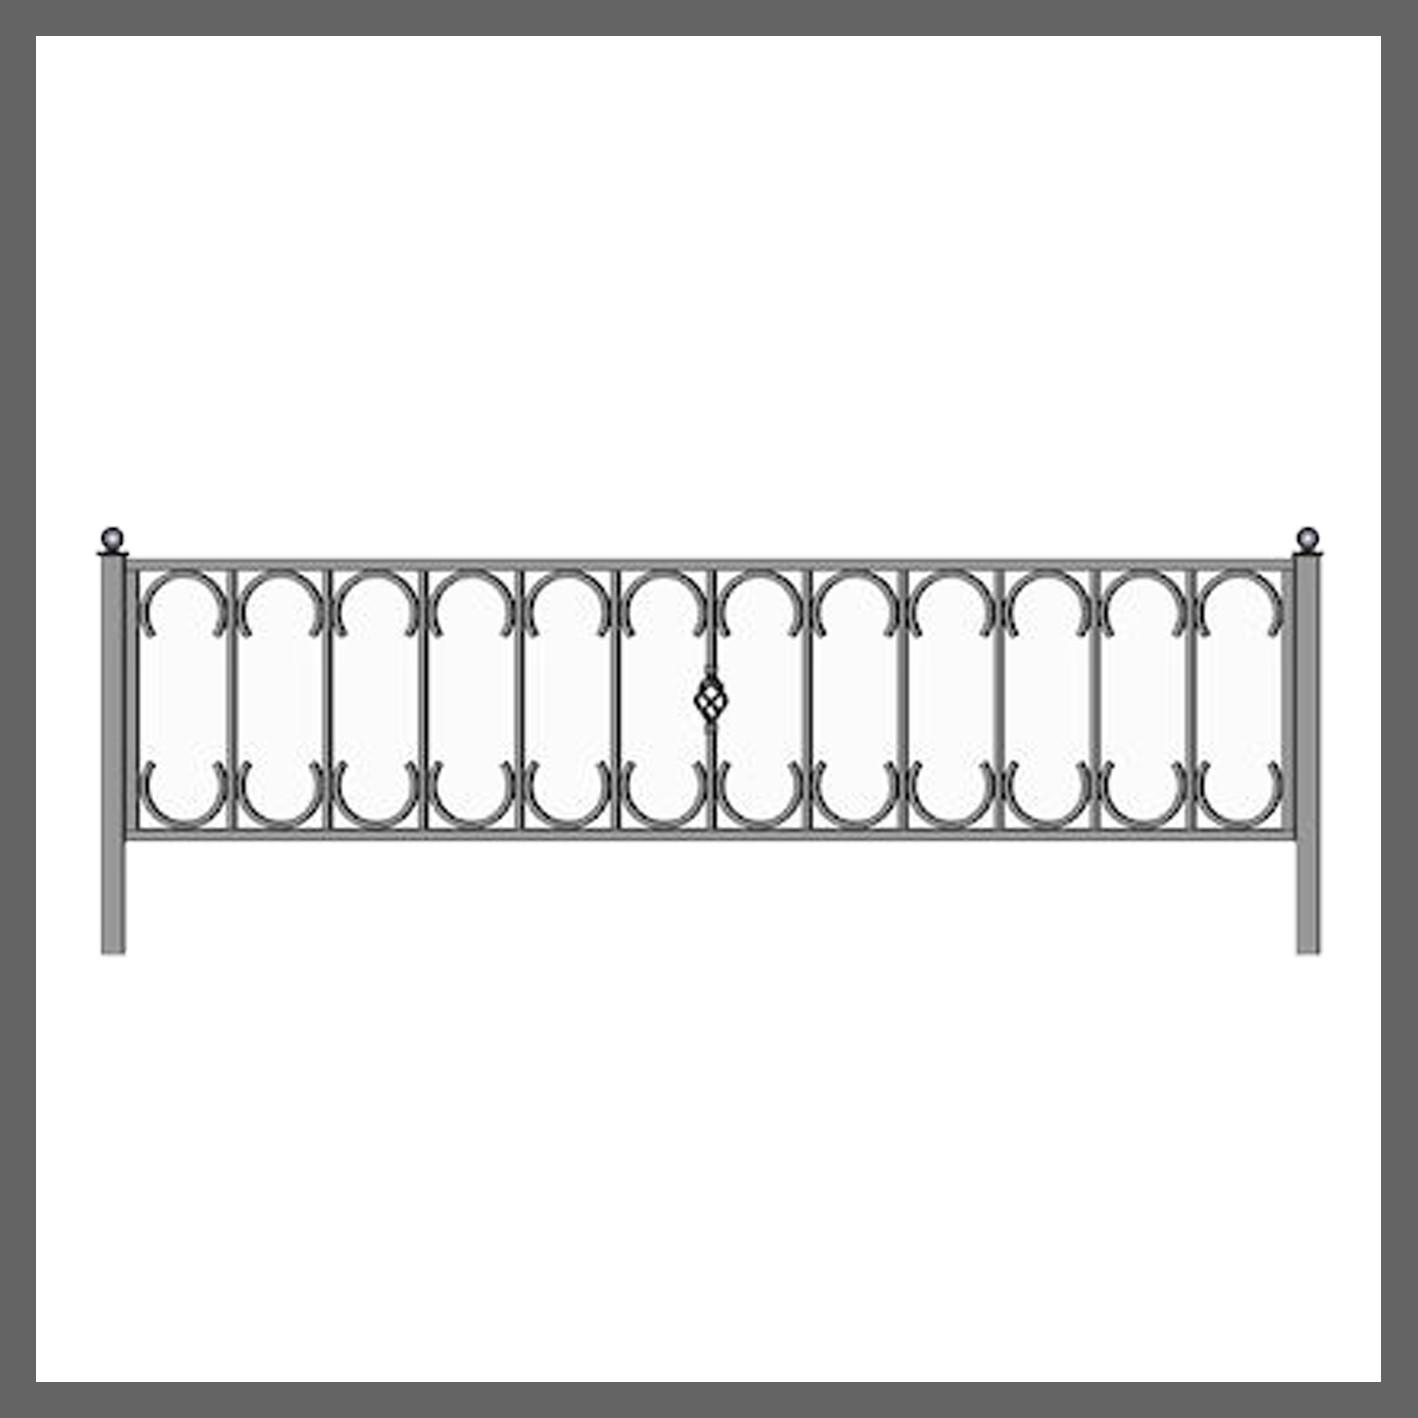 Эскиз ограды на кладбище 40